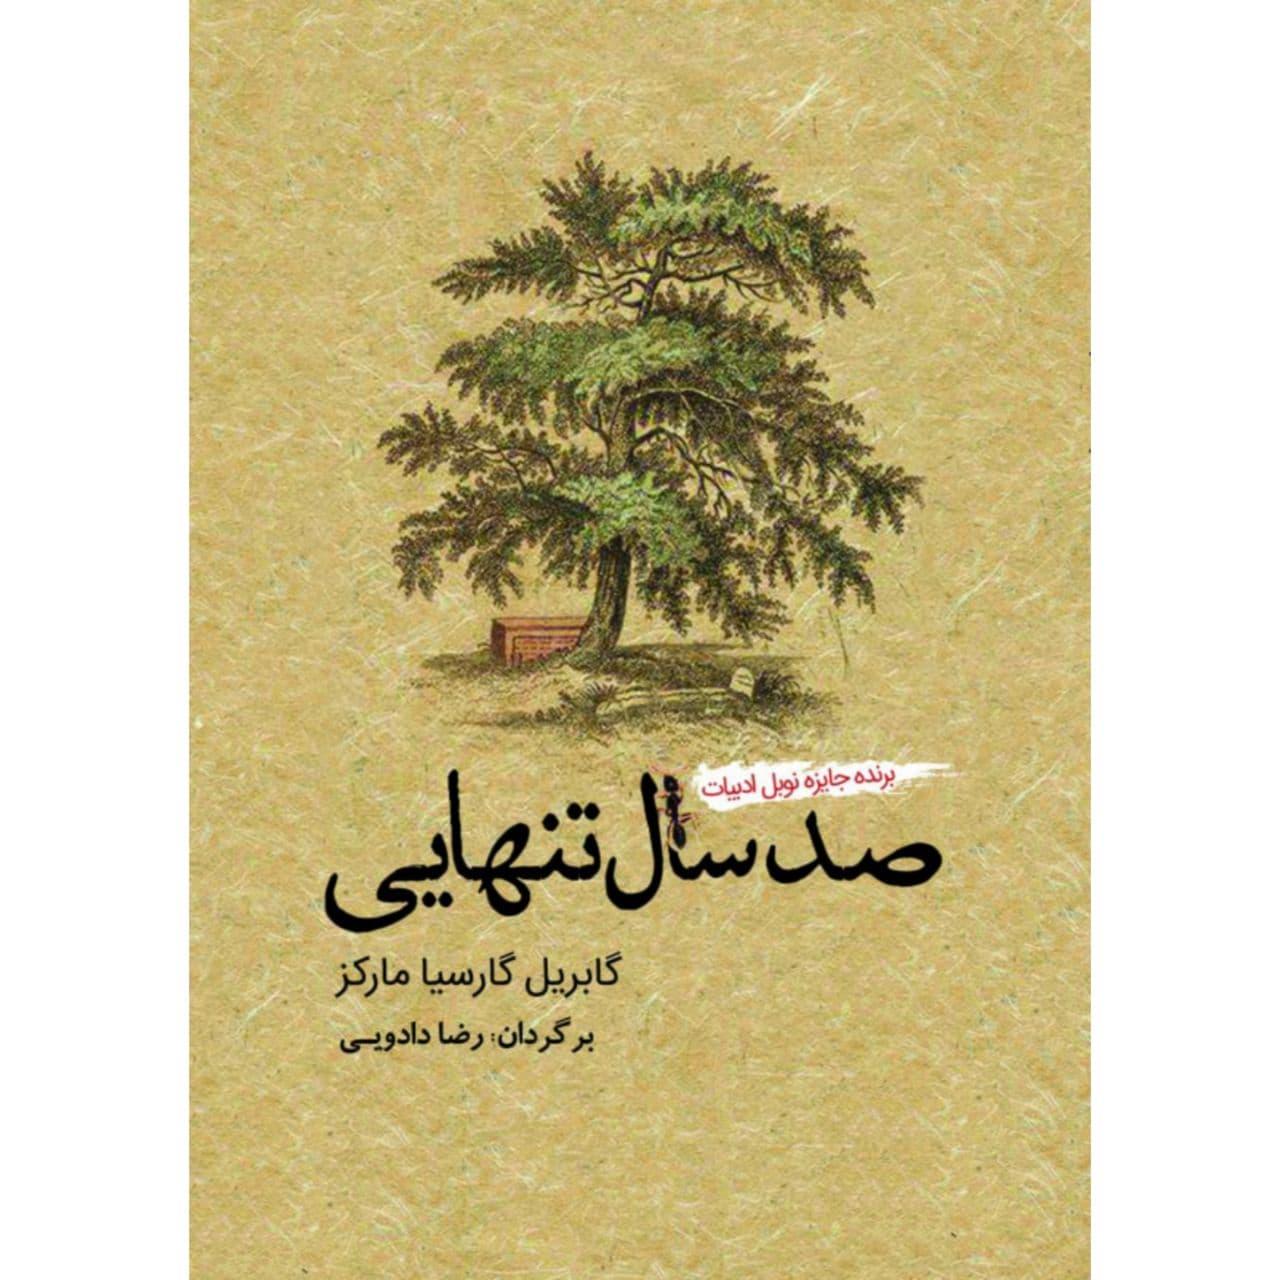 کتاب صد سال تنهایی اثر گابریل گارسیا مارکز نشر آمه